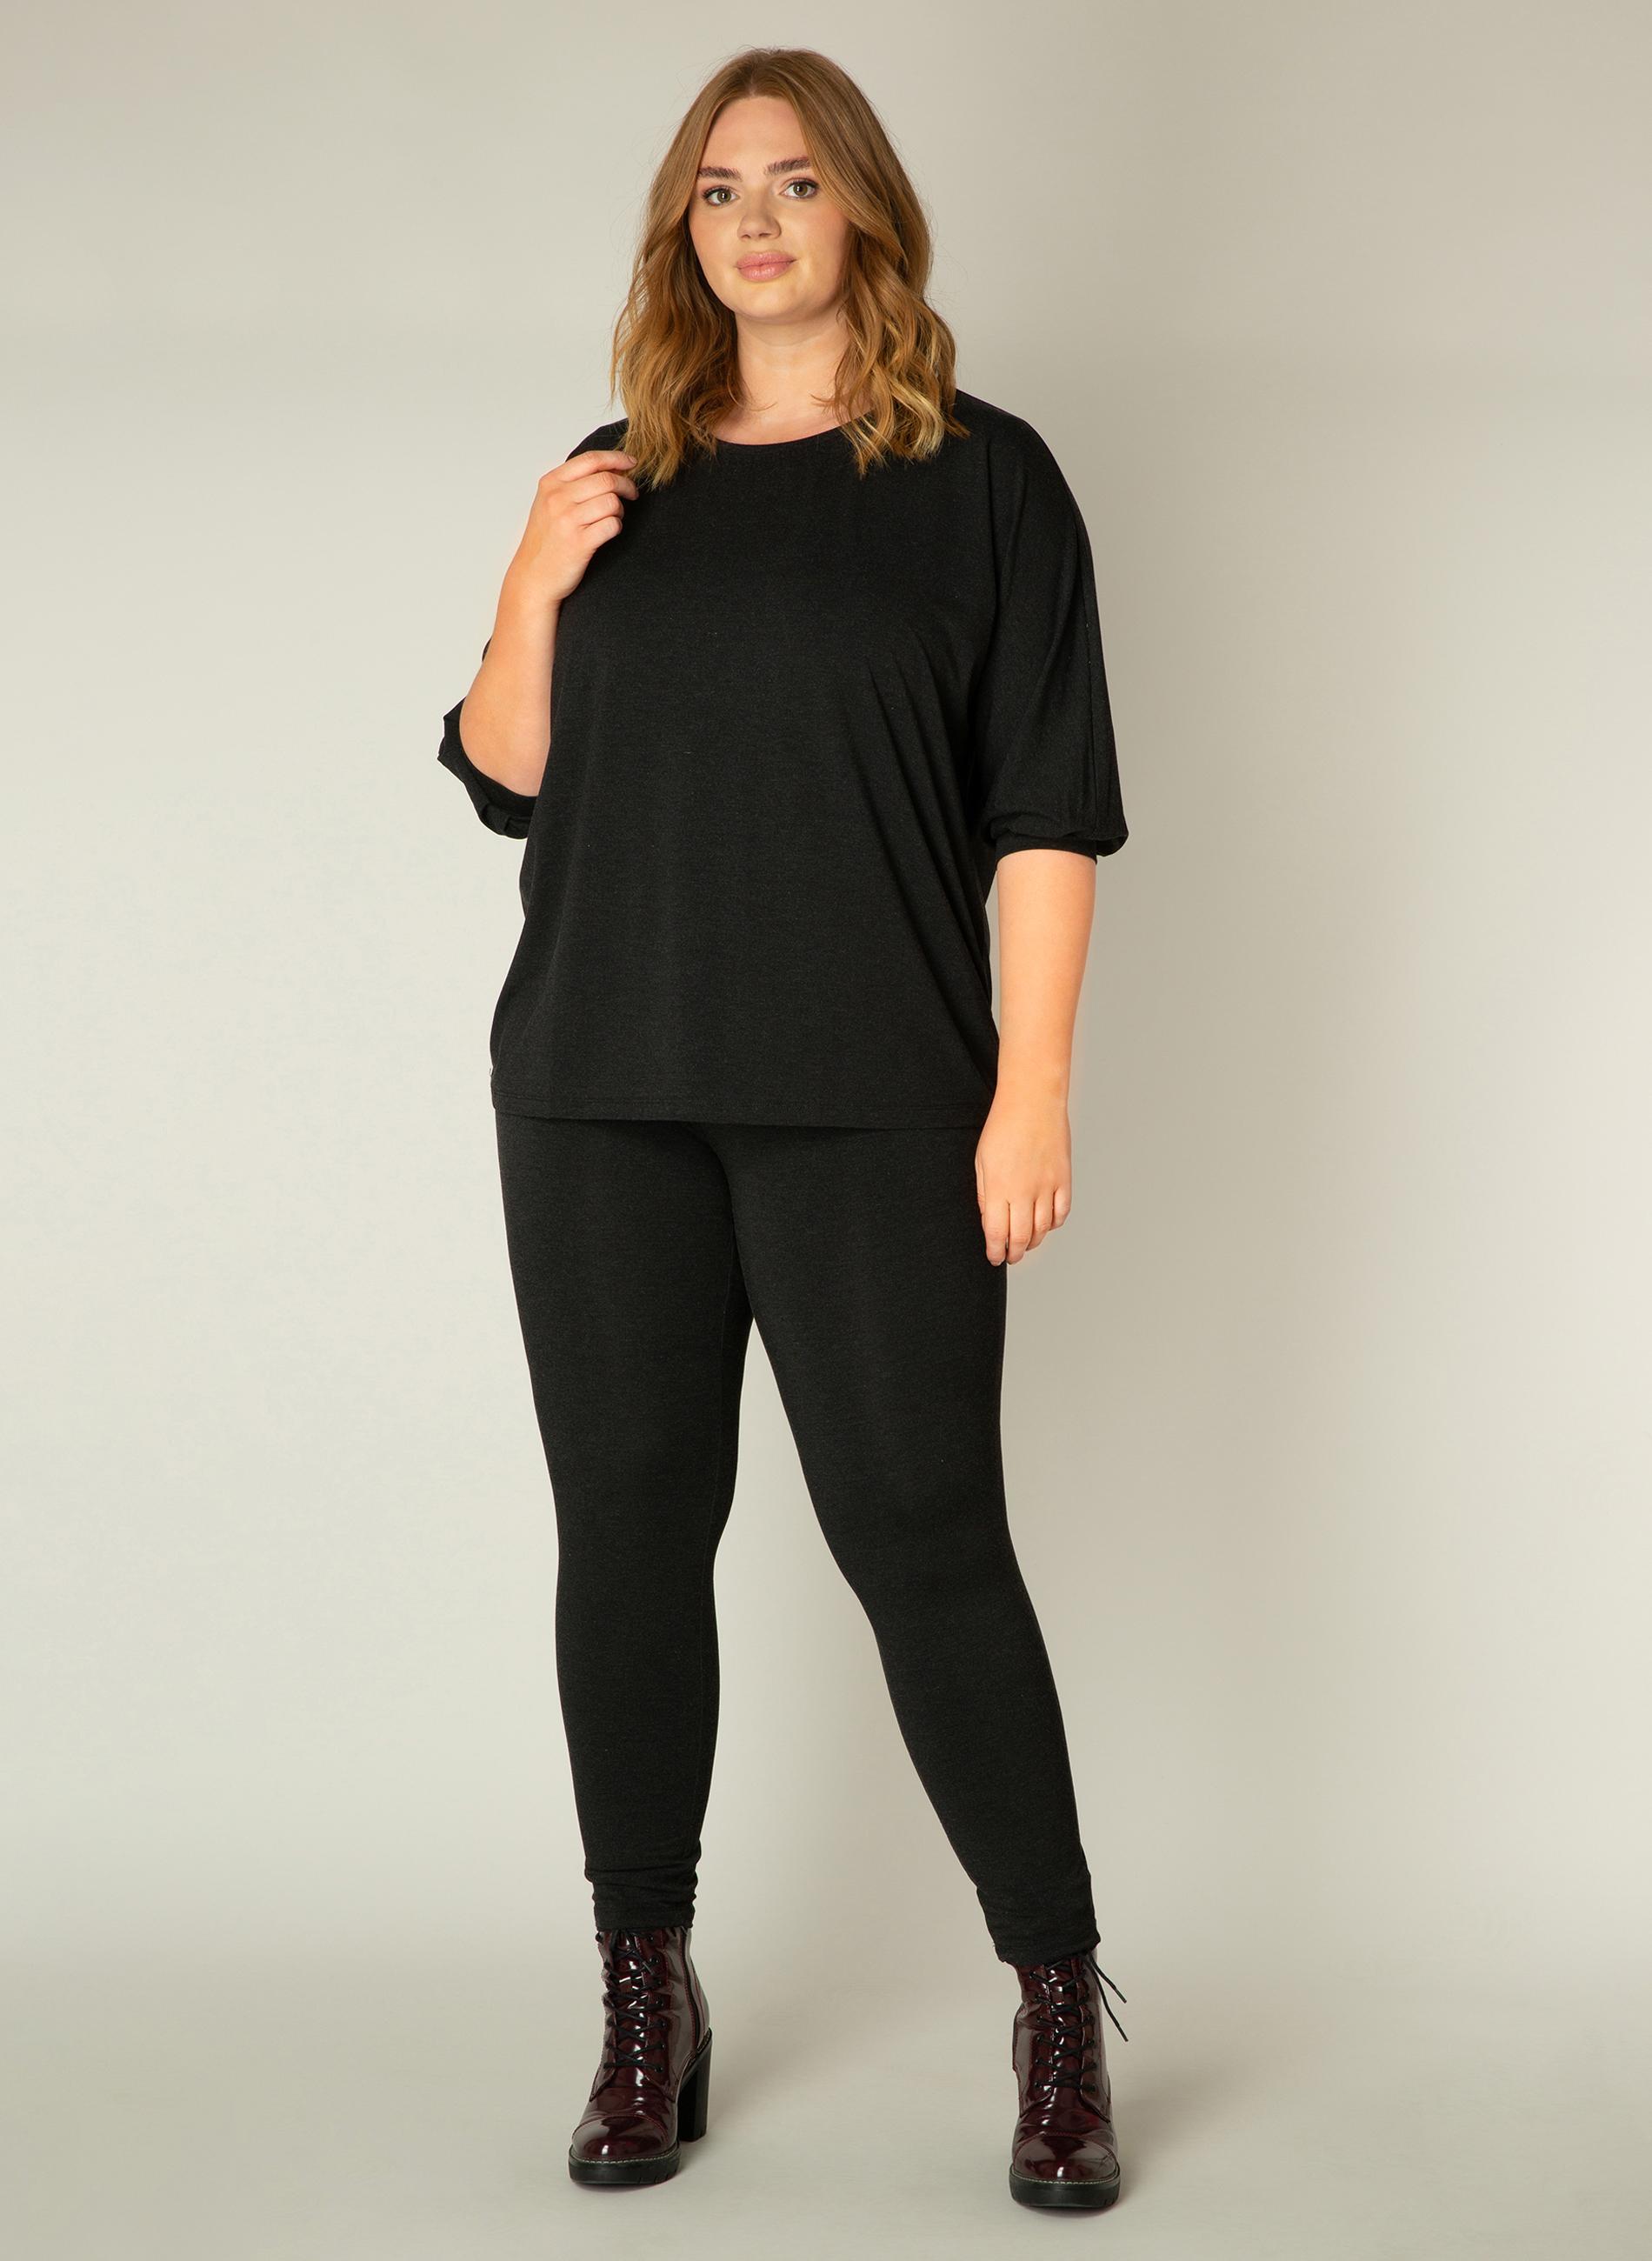 Yesta legging Andrea Essential